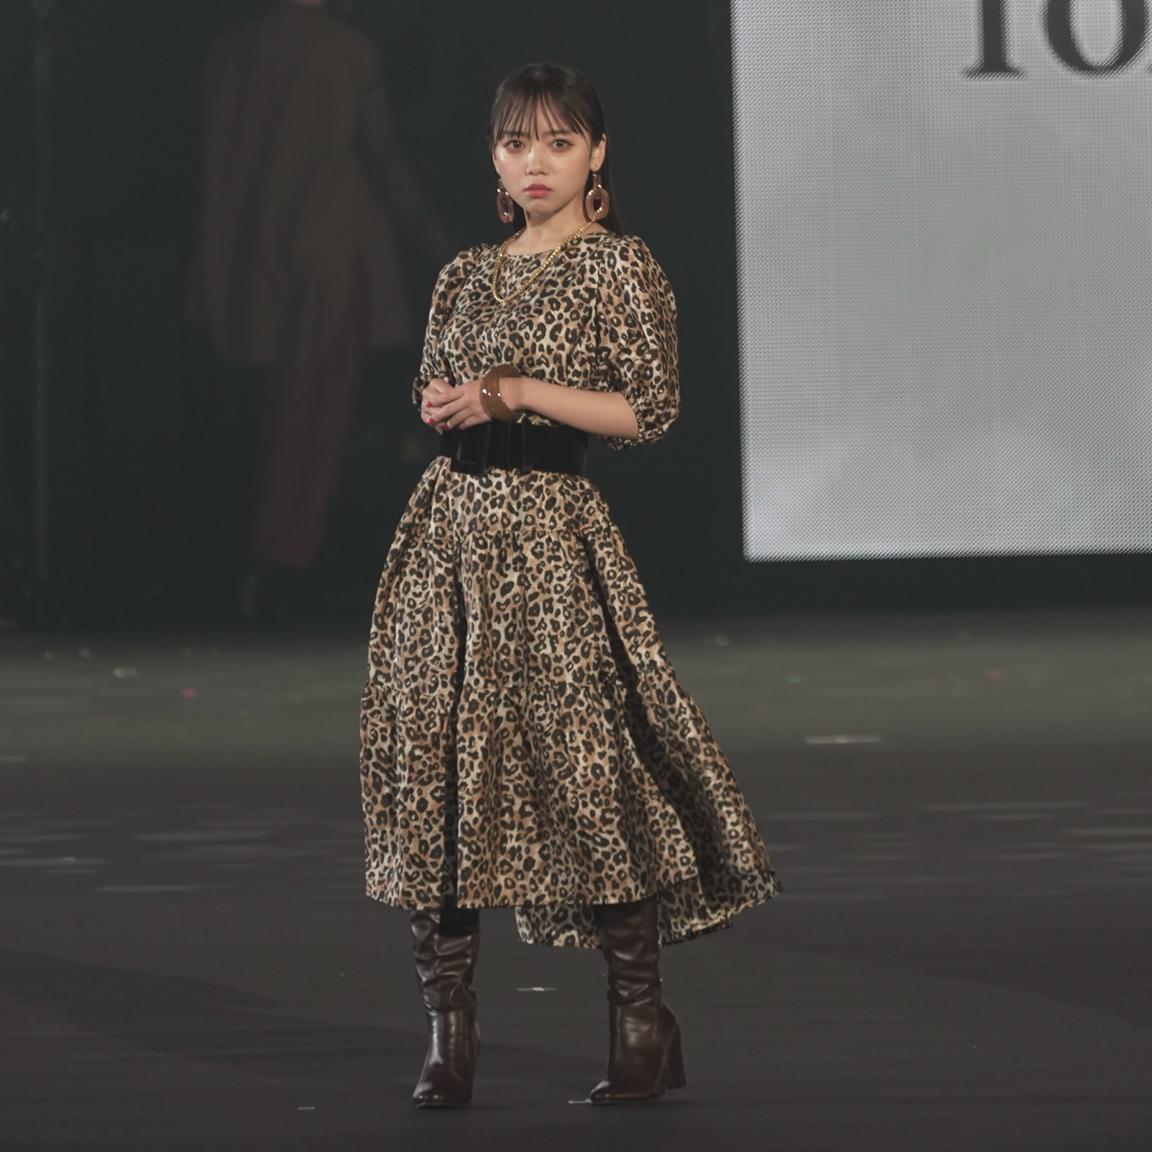 齊藤京子(日向坂46)in TGC 2021 A/W